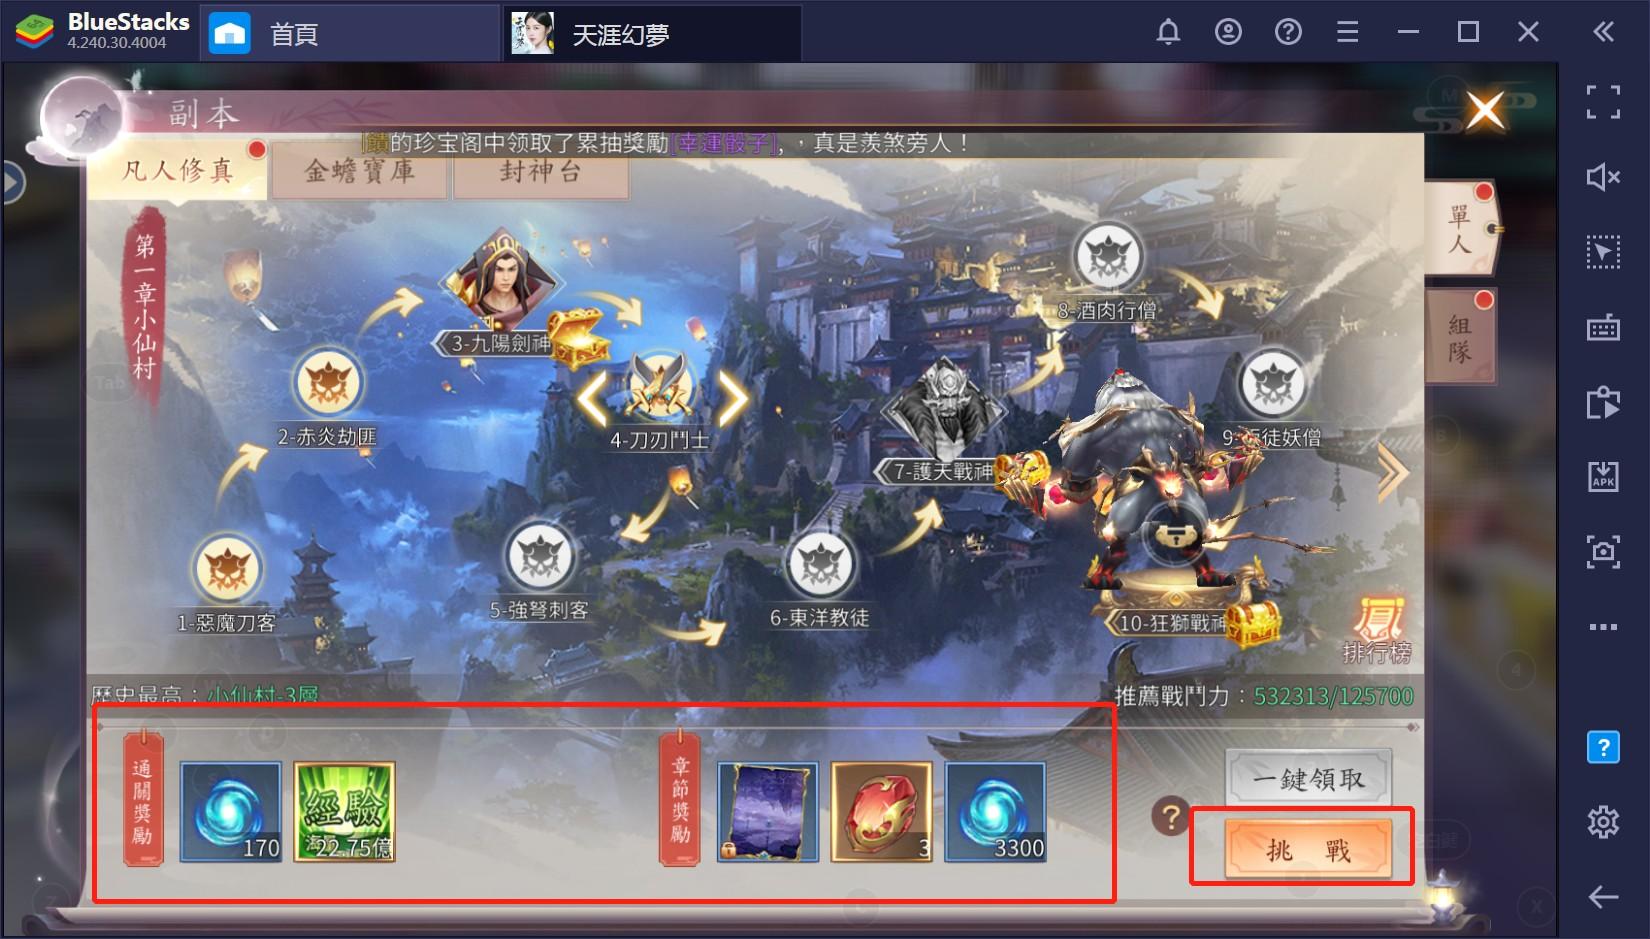 使用BlueStacks在PC上遊玩MMO手機遊戲《天涯幻夢》